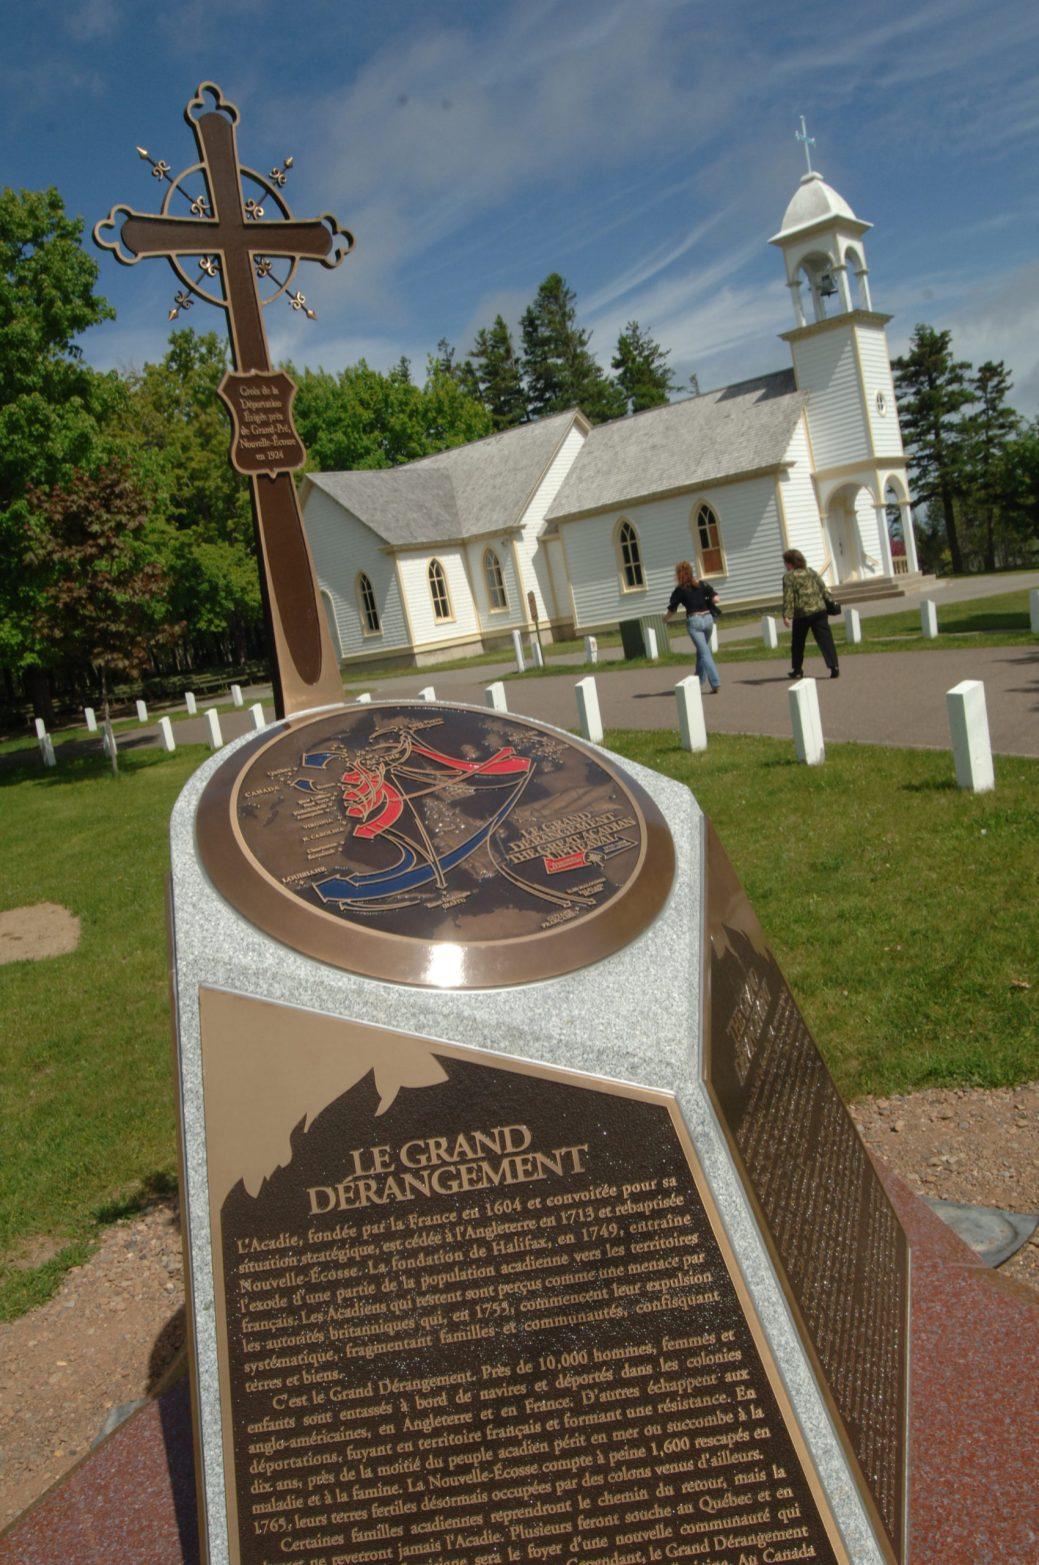 Une des façades du monument de l'Odyssée acadienne situé à Caraquet résume les événements du raid du capitaine Roderick MacKenzie, survenu dans le nord-est de ce qui est aujourd'hui le Nouveau-Brunswick. - Archives